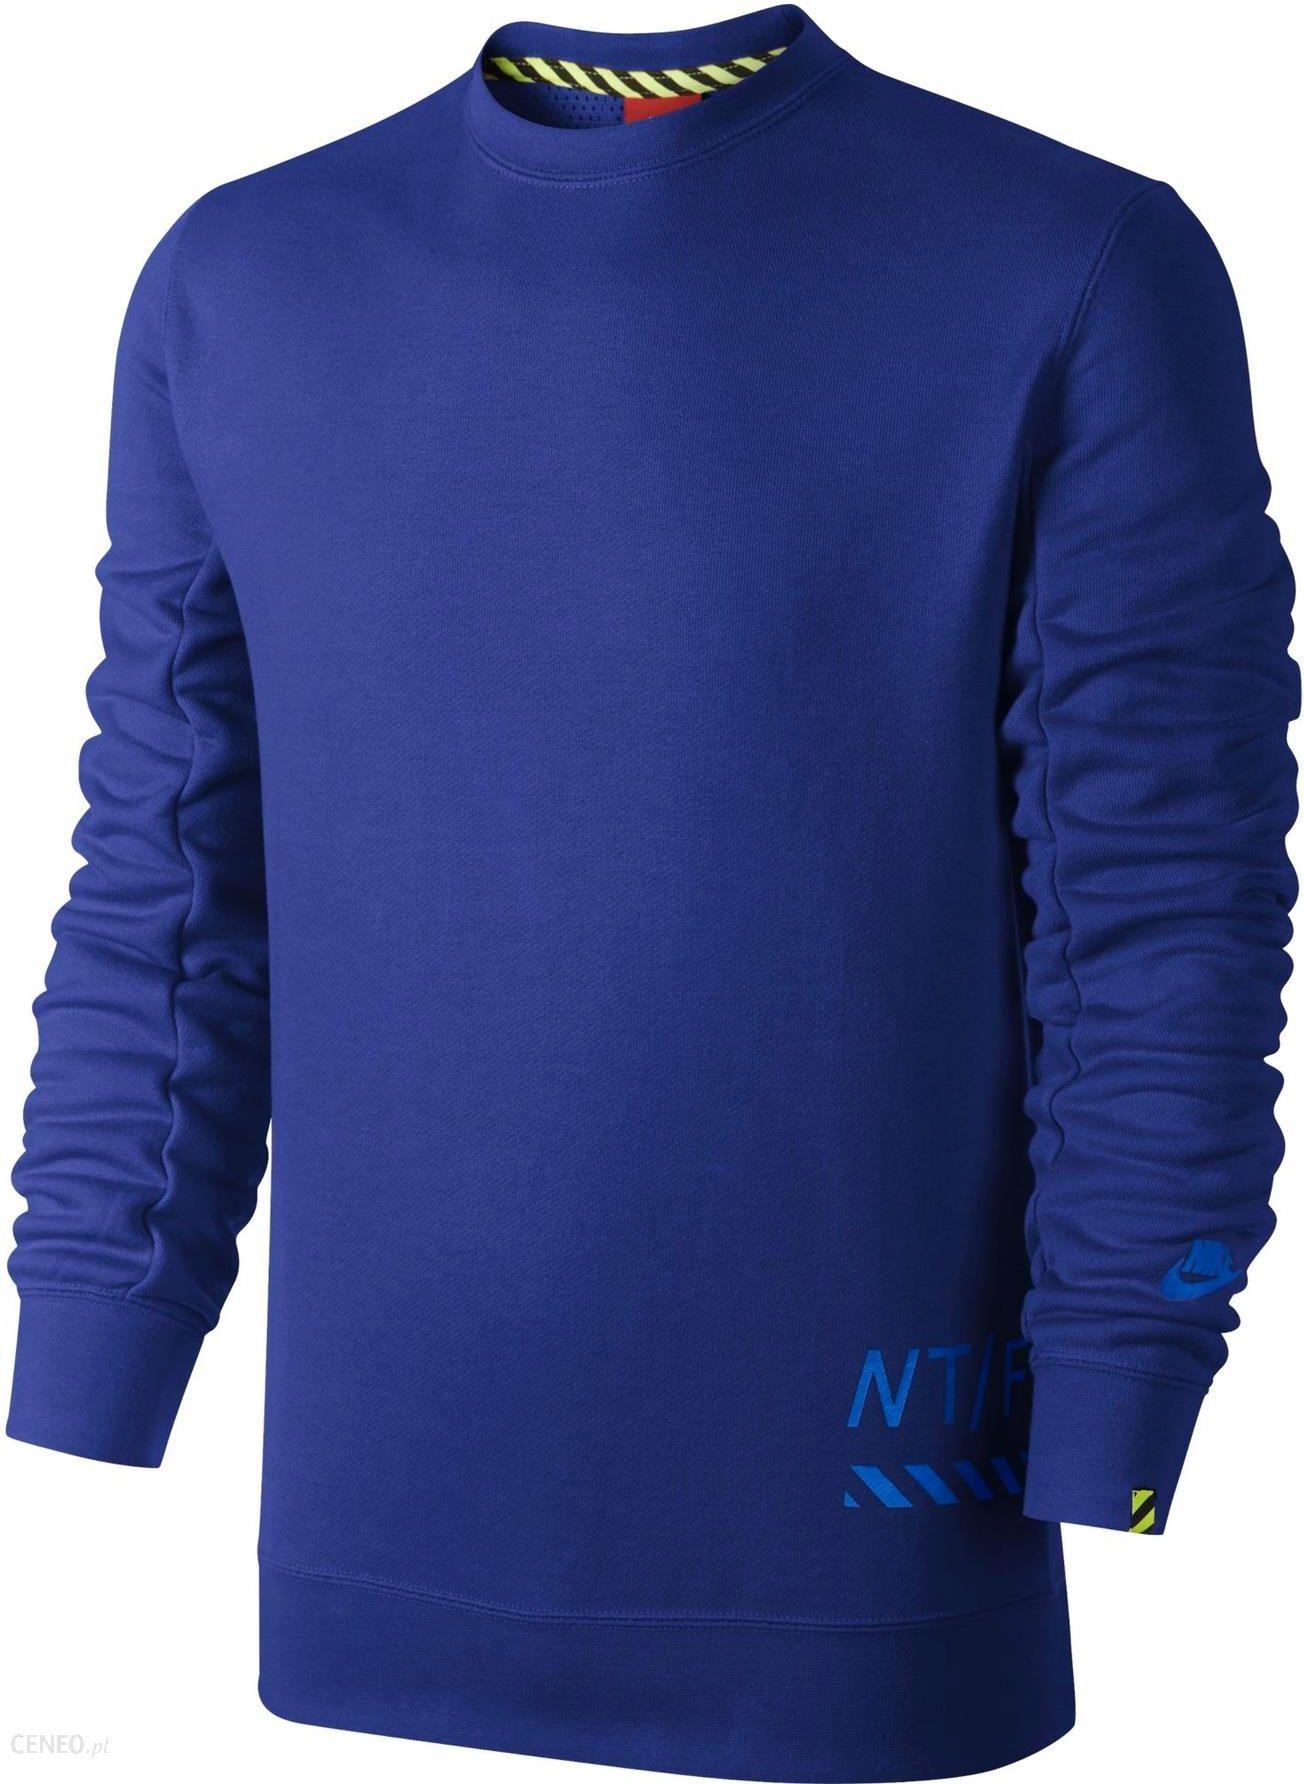 informacje dla niesamowity wybór outlet na sprzedaż Bluza Nike Track And Field Crew 719544-455